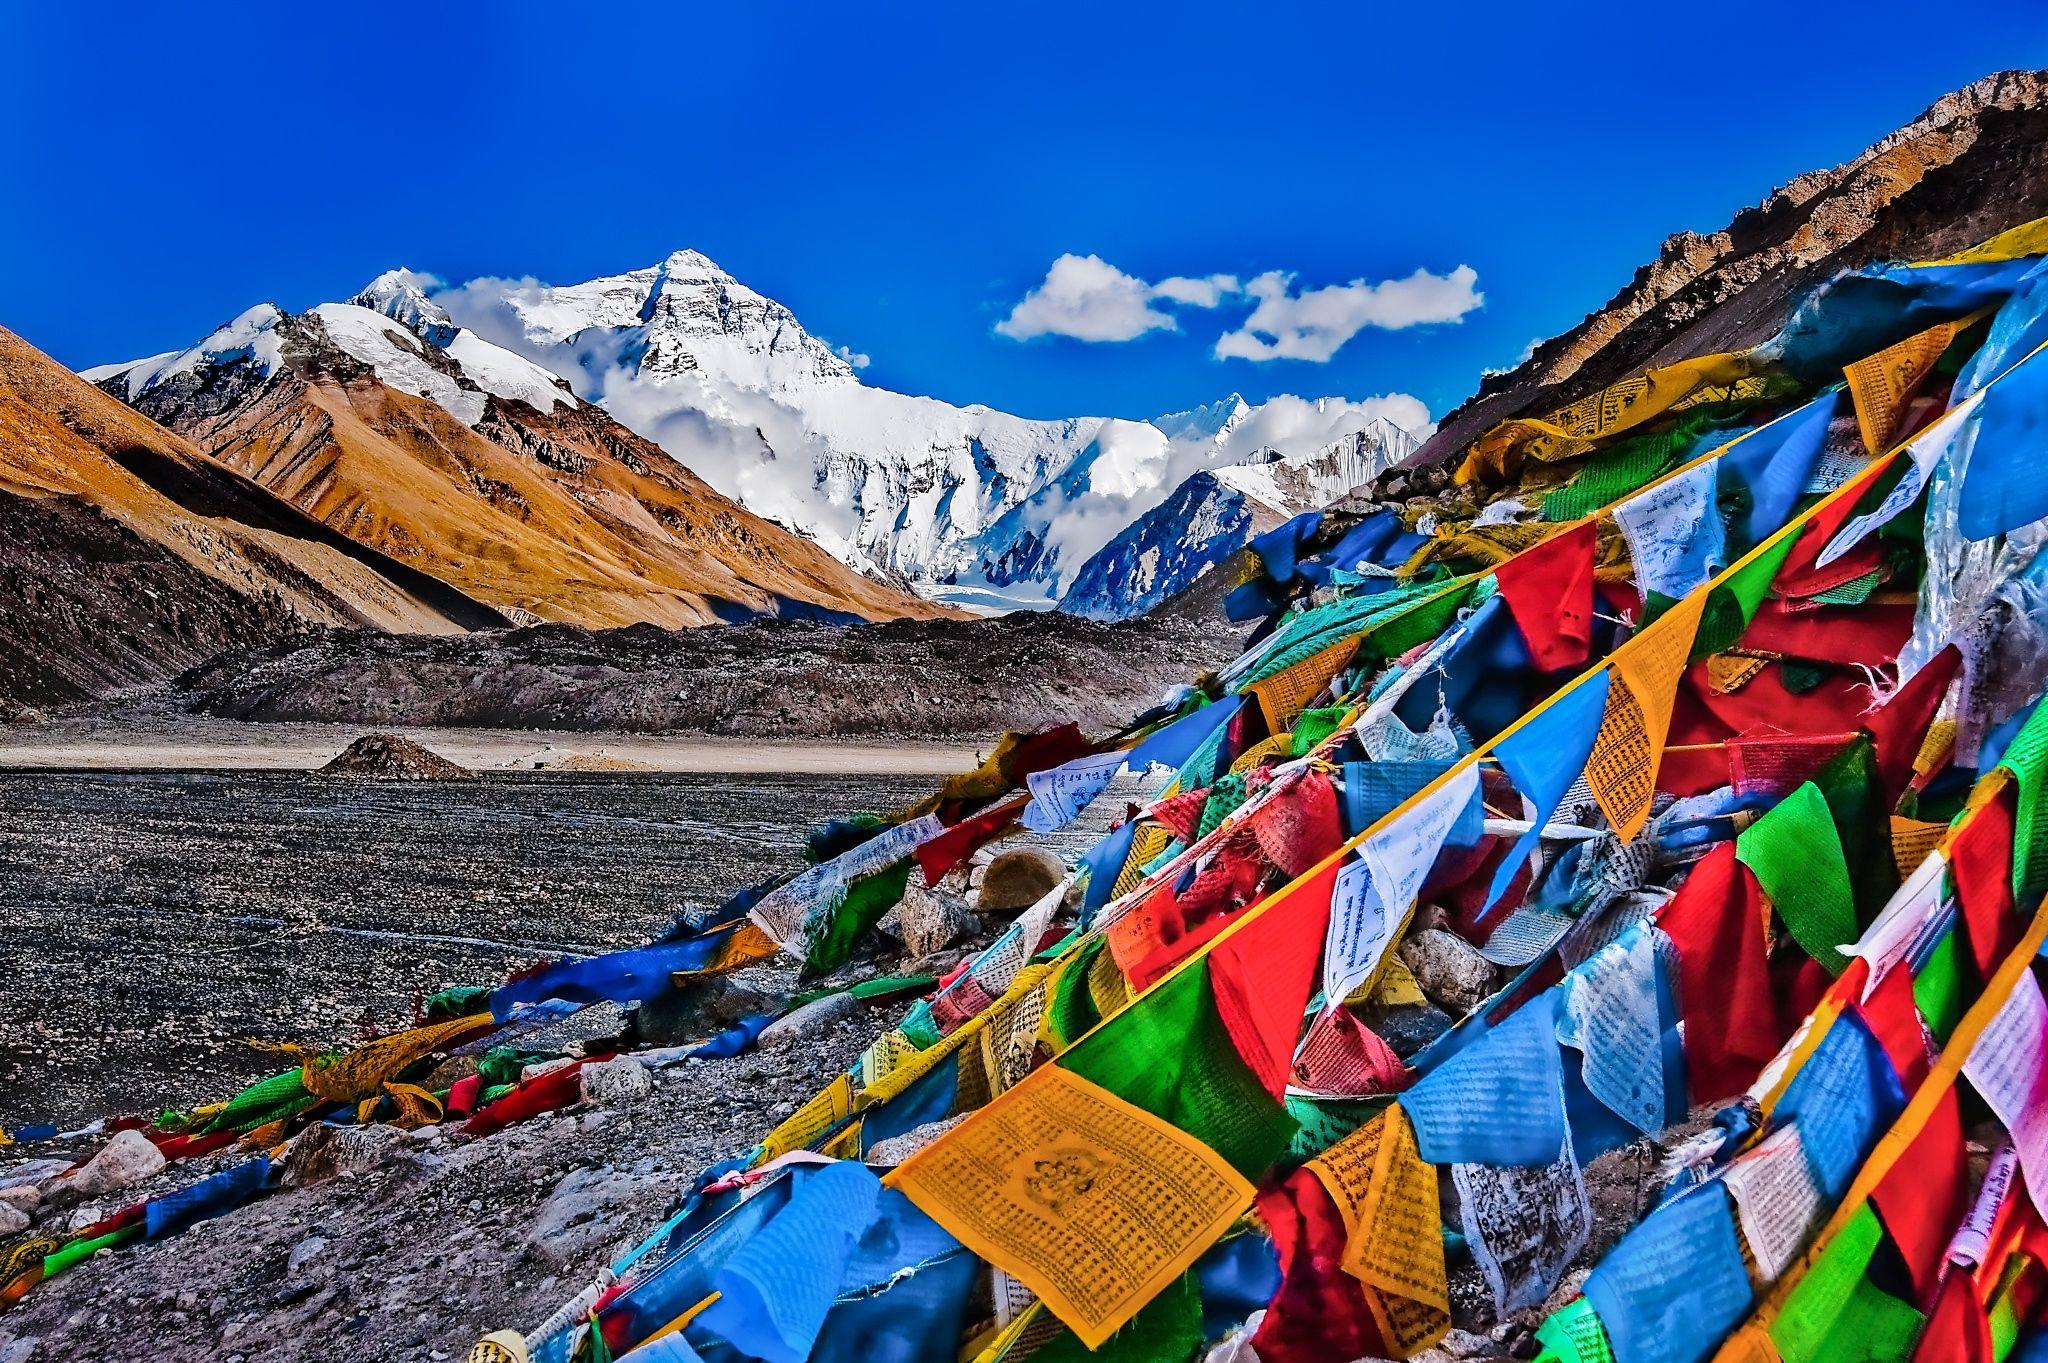 C12c59c859026a8dbd34f718169df76a 2048 1363 Tibetan Prayer Flag Tibet Prayer Flags